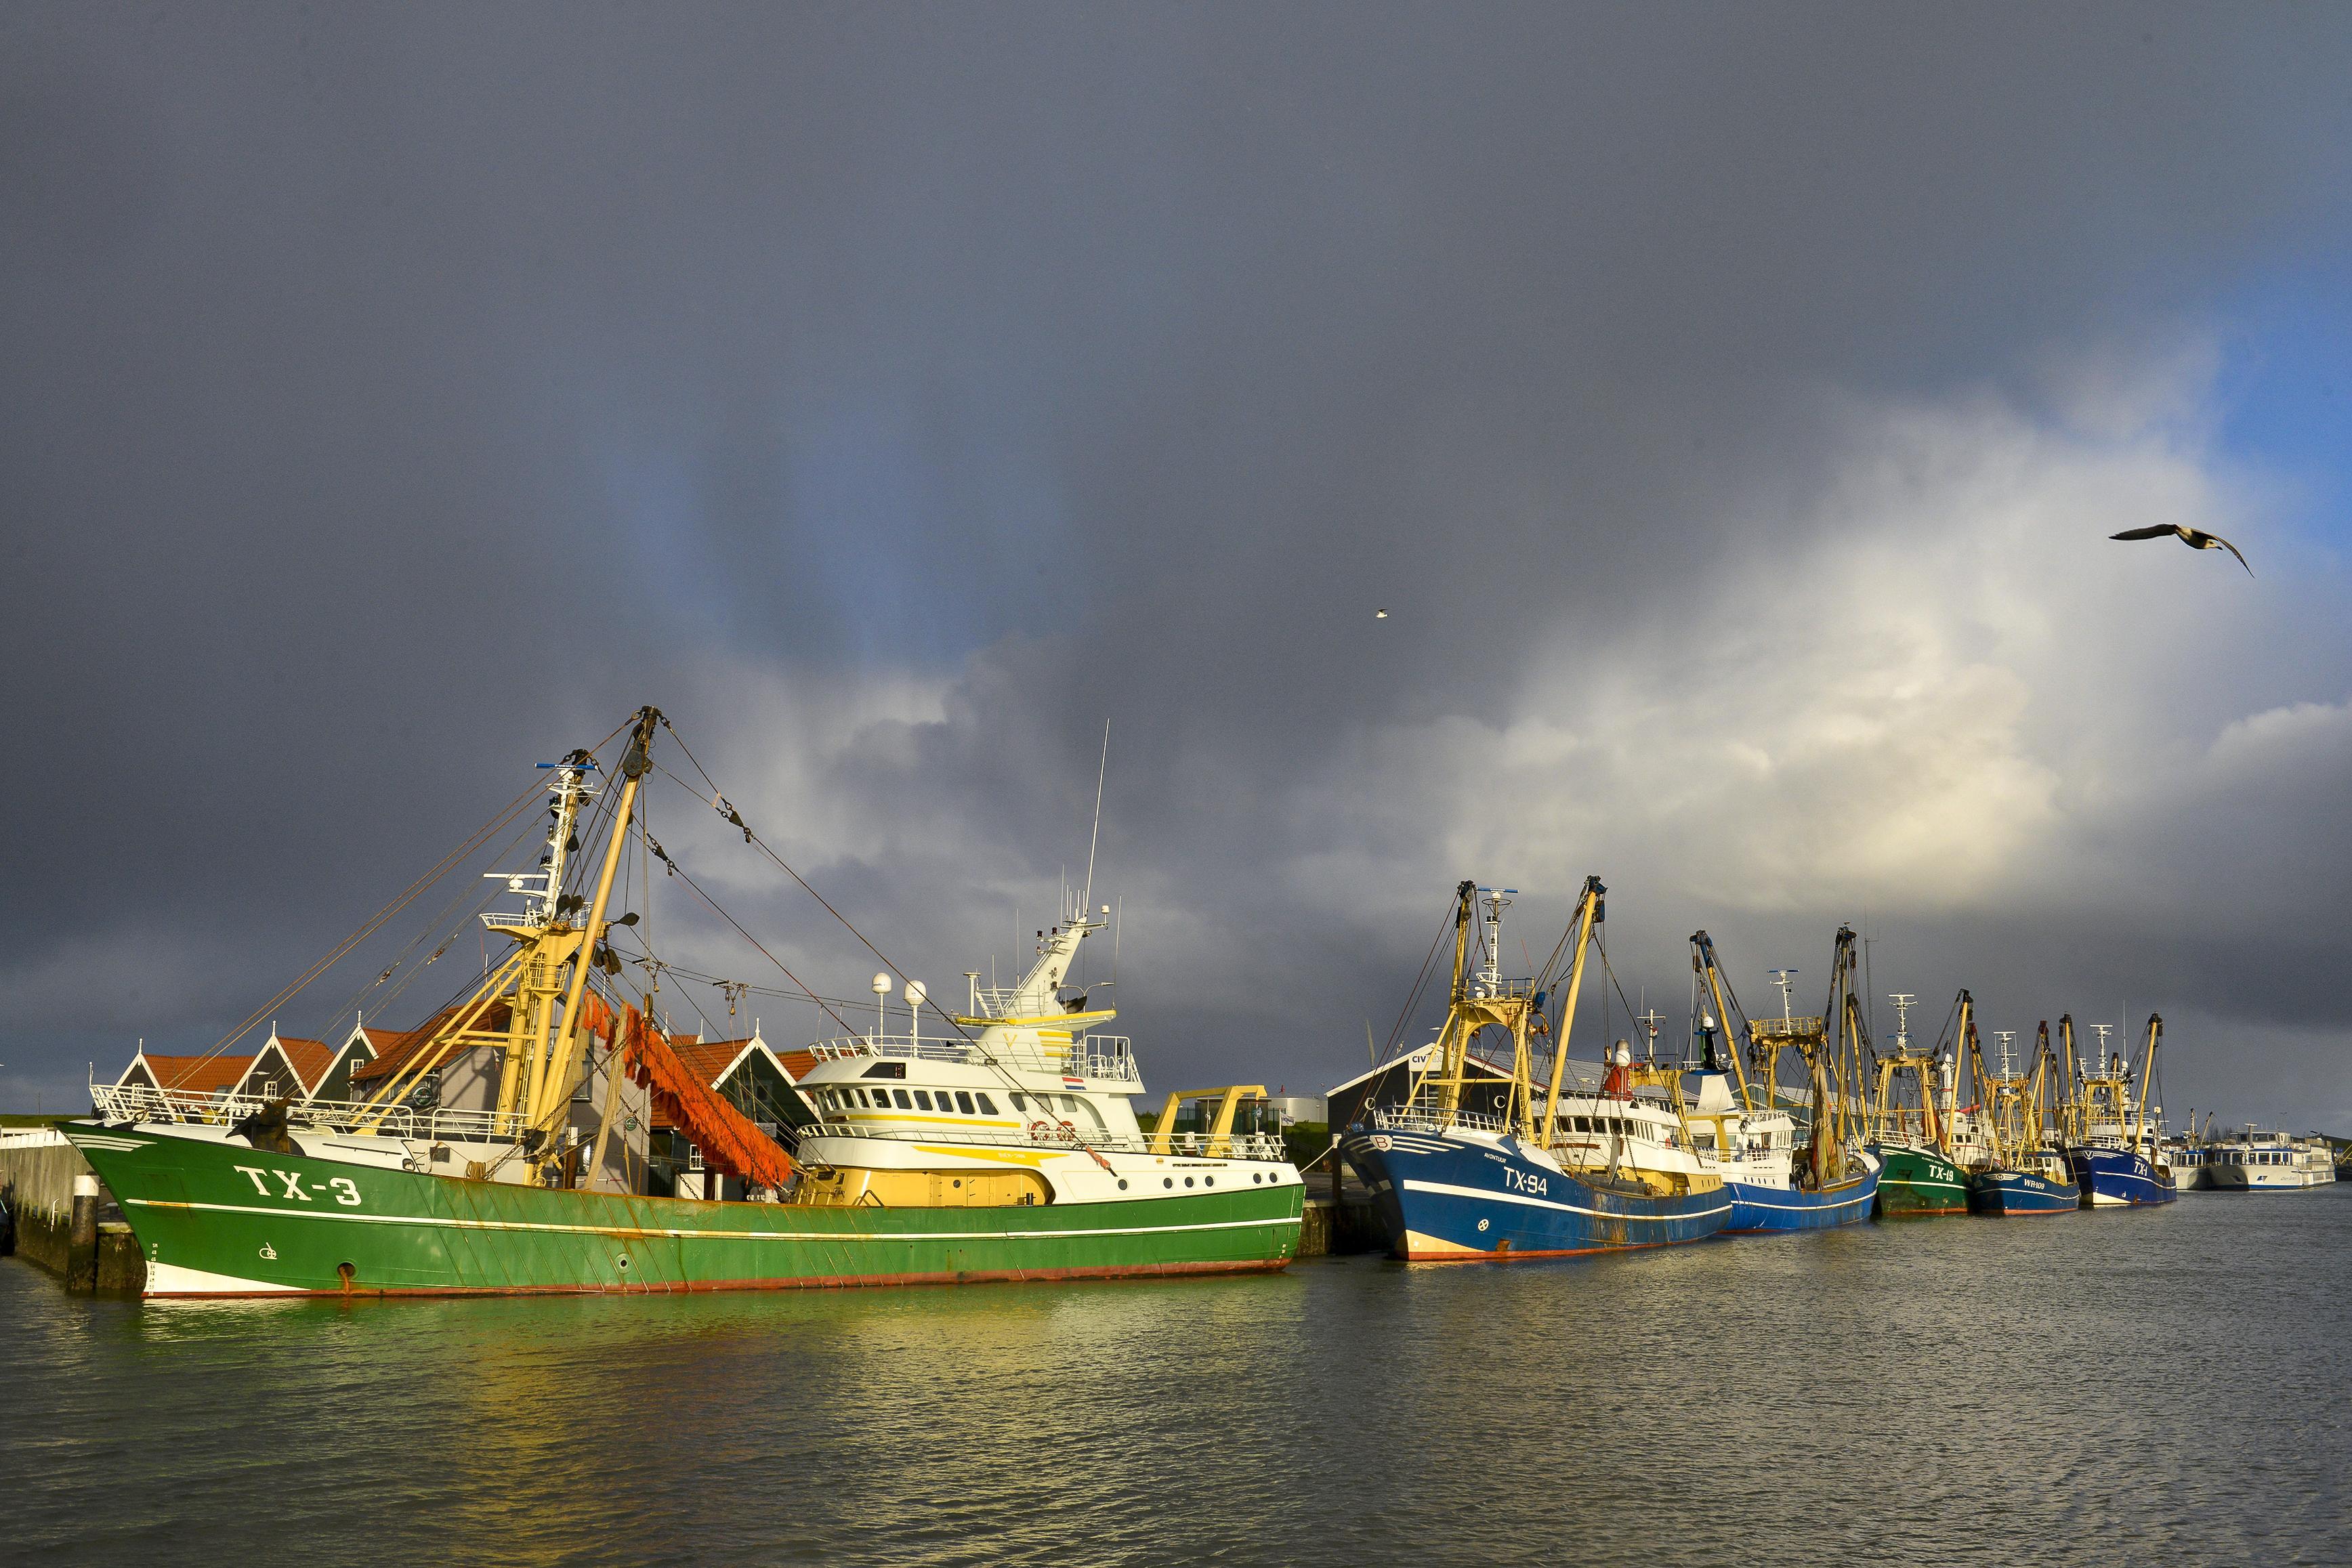 'Hier zijn we altijd bang voor geweest, maar dat het zo erg zou zijn ...' Brexitdeal dramatisch voor visserij Texel en Den Helder